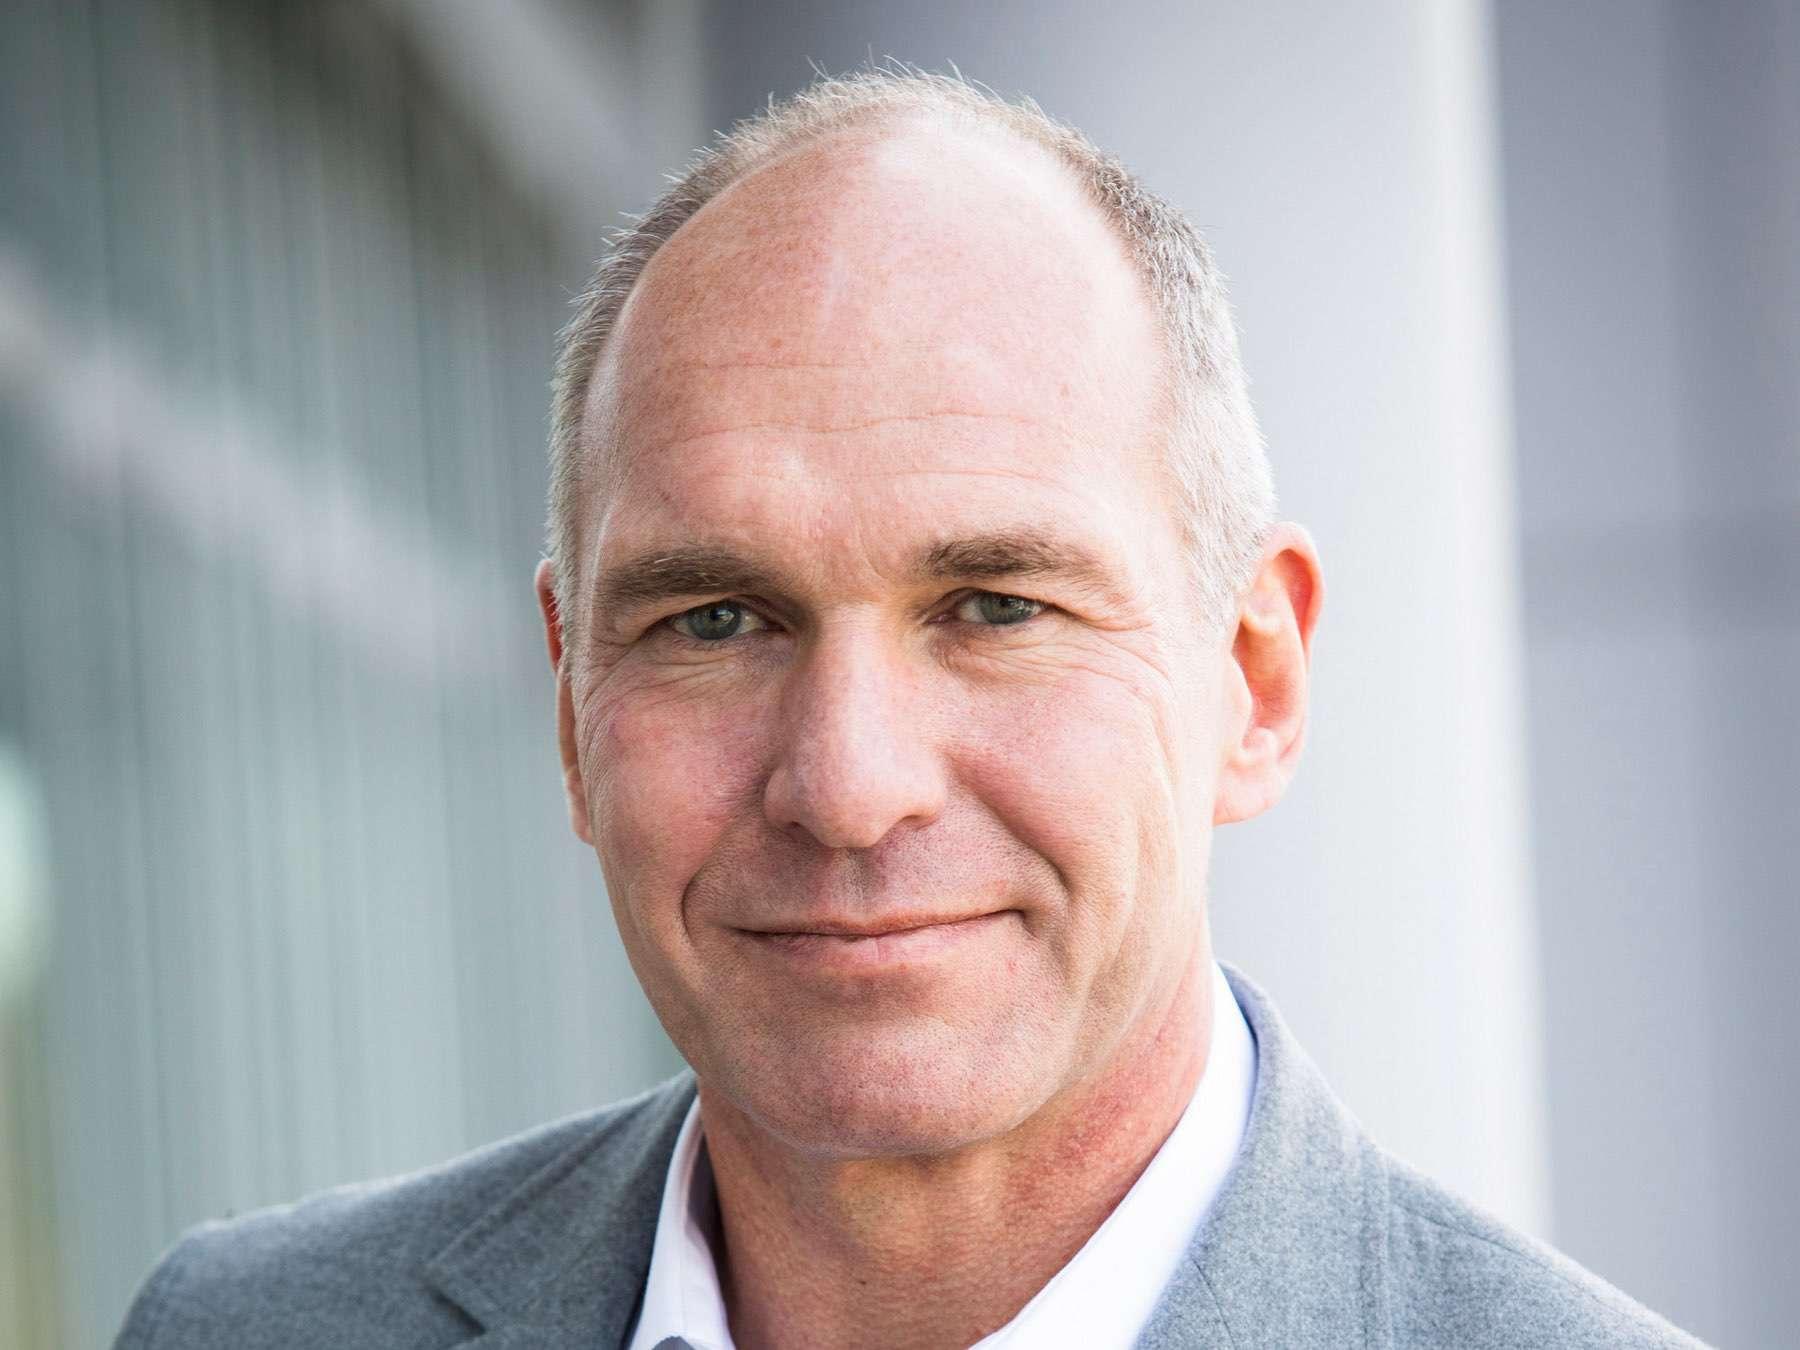 Jens Kühner